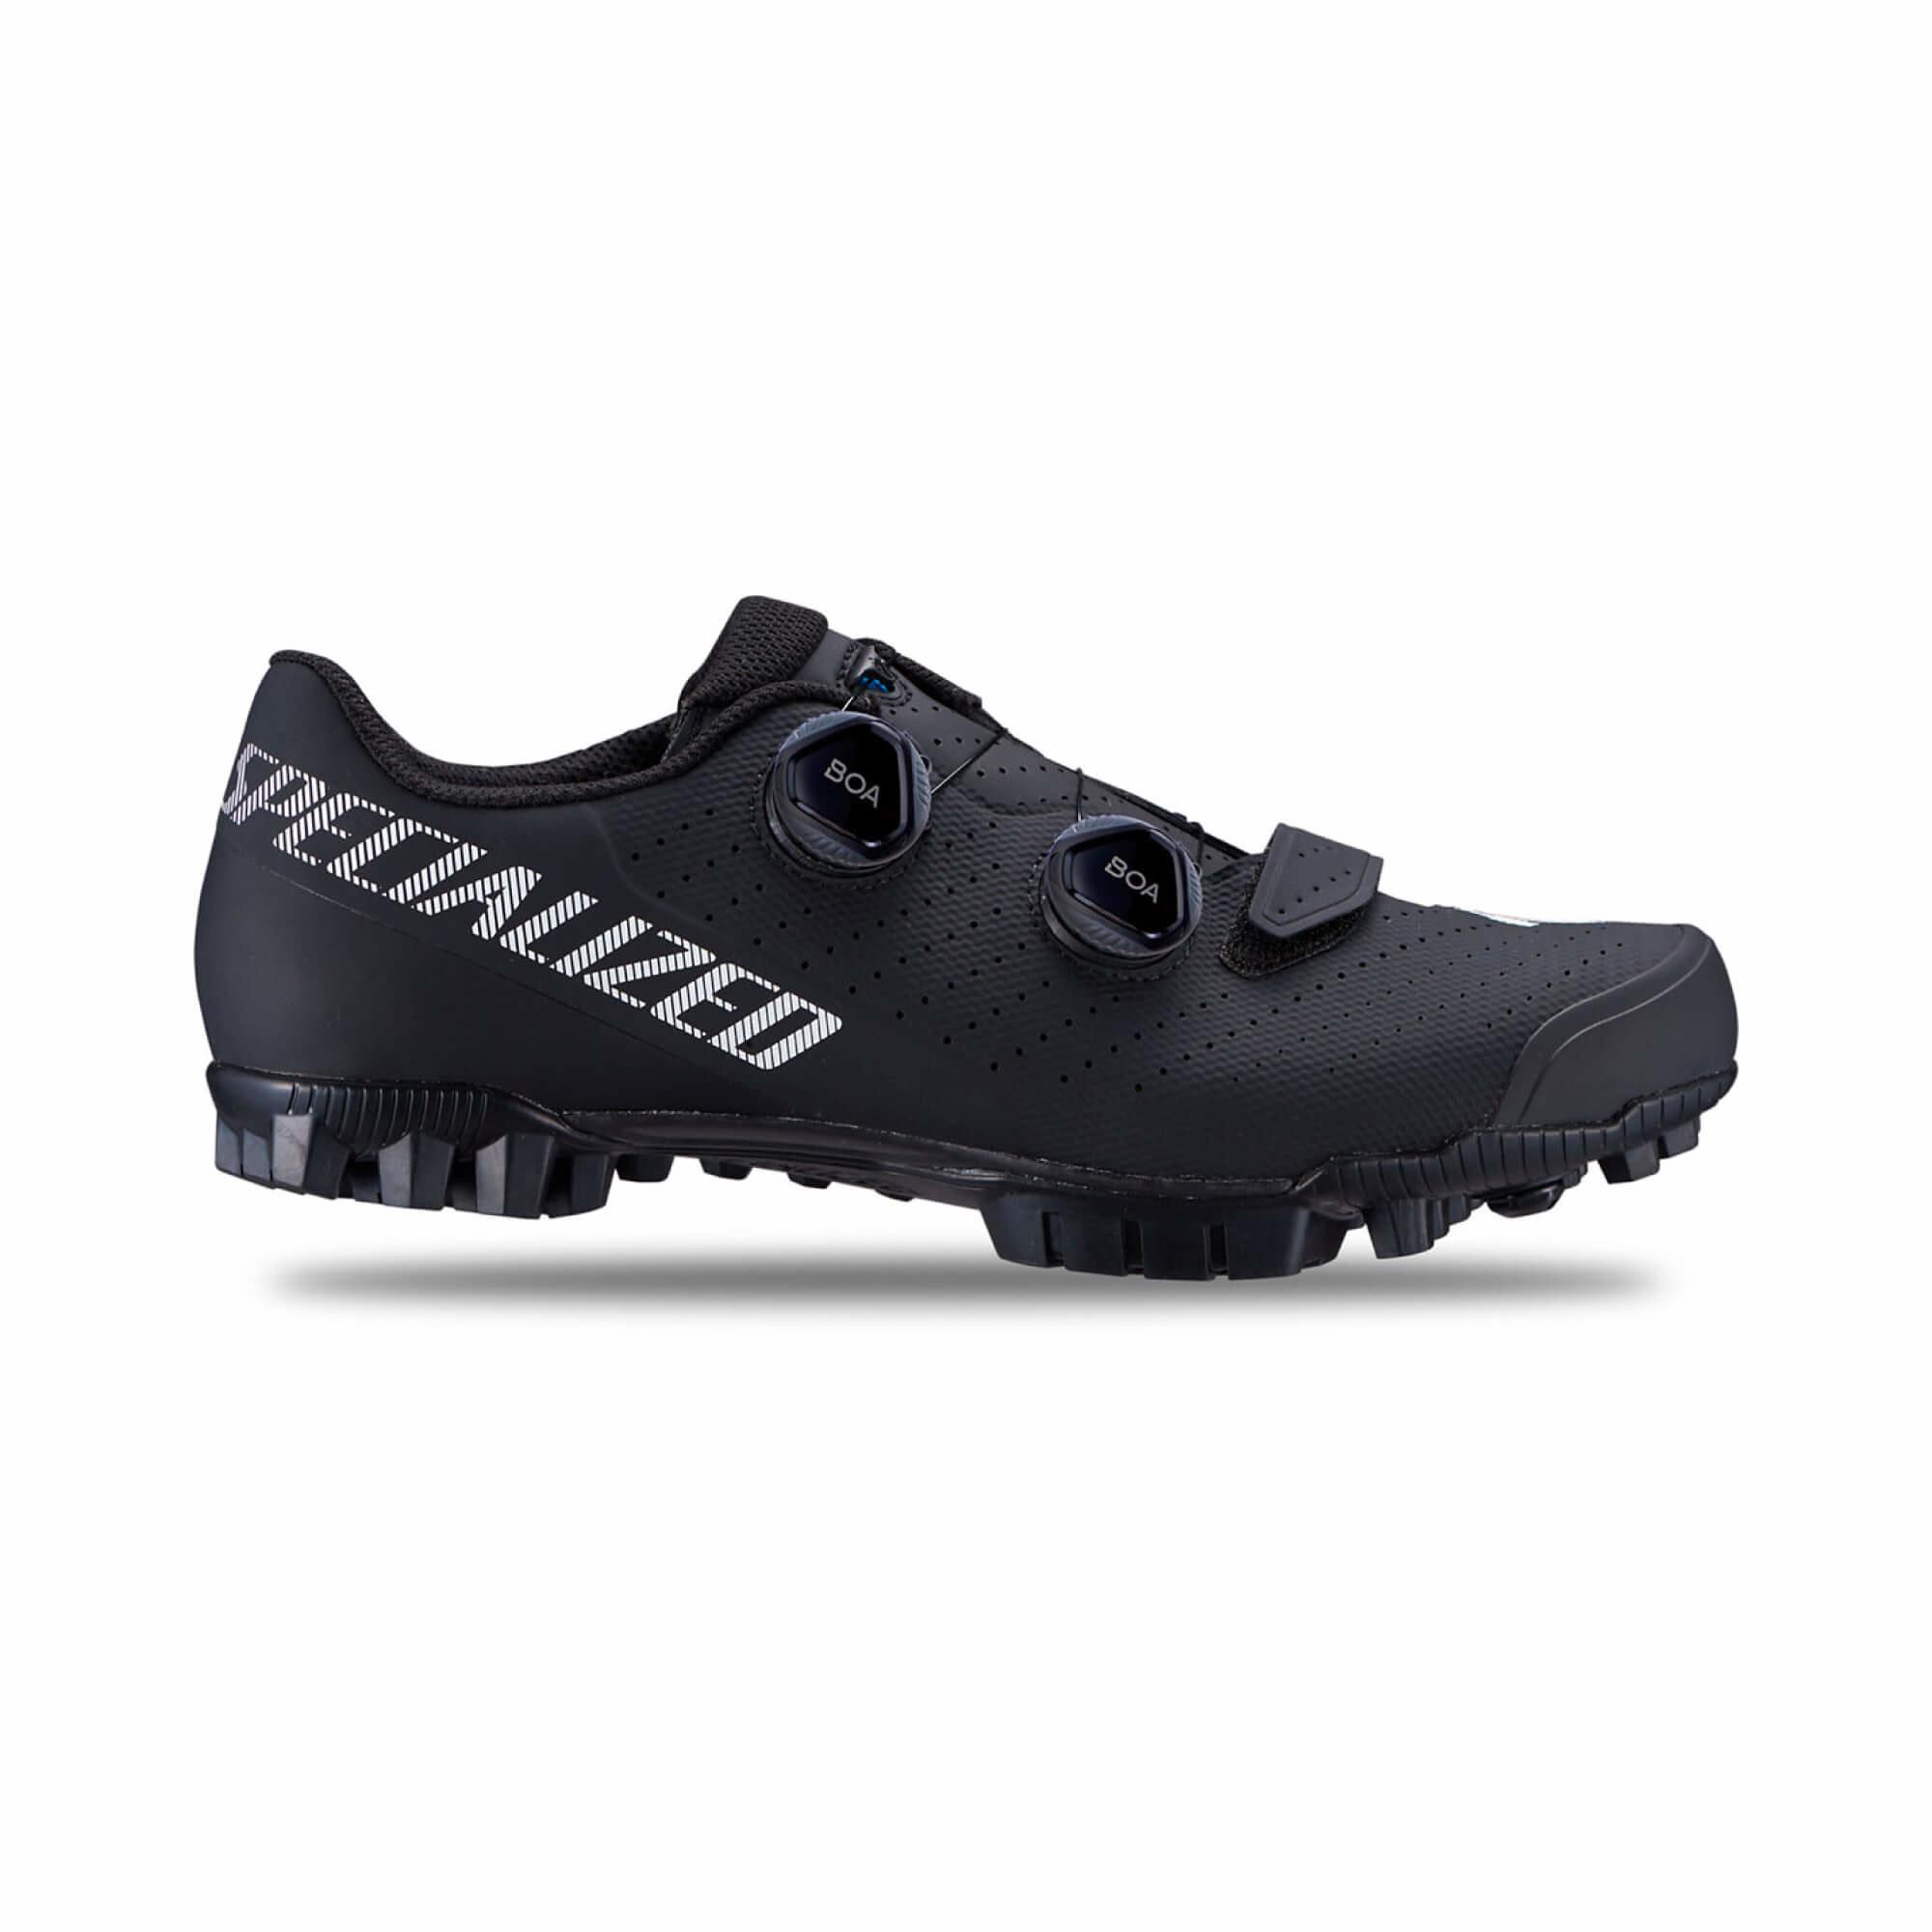 Recon 3.0 Mountain Bike Shoes-6